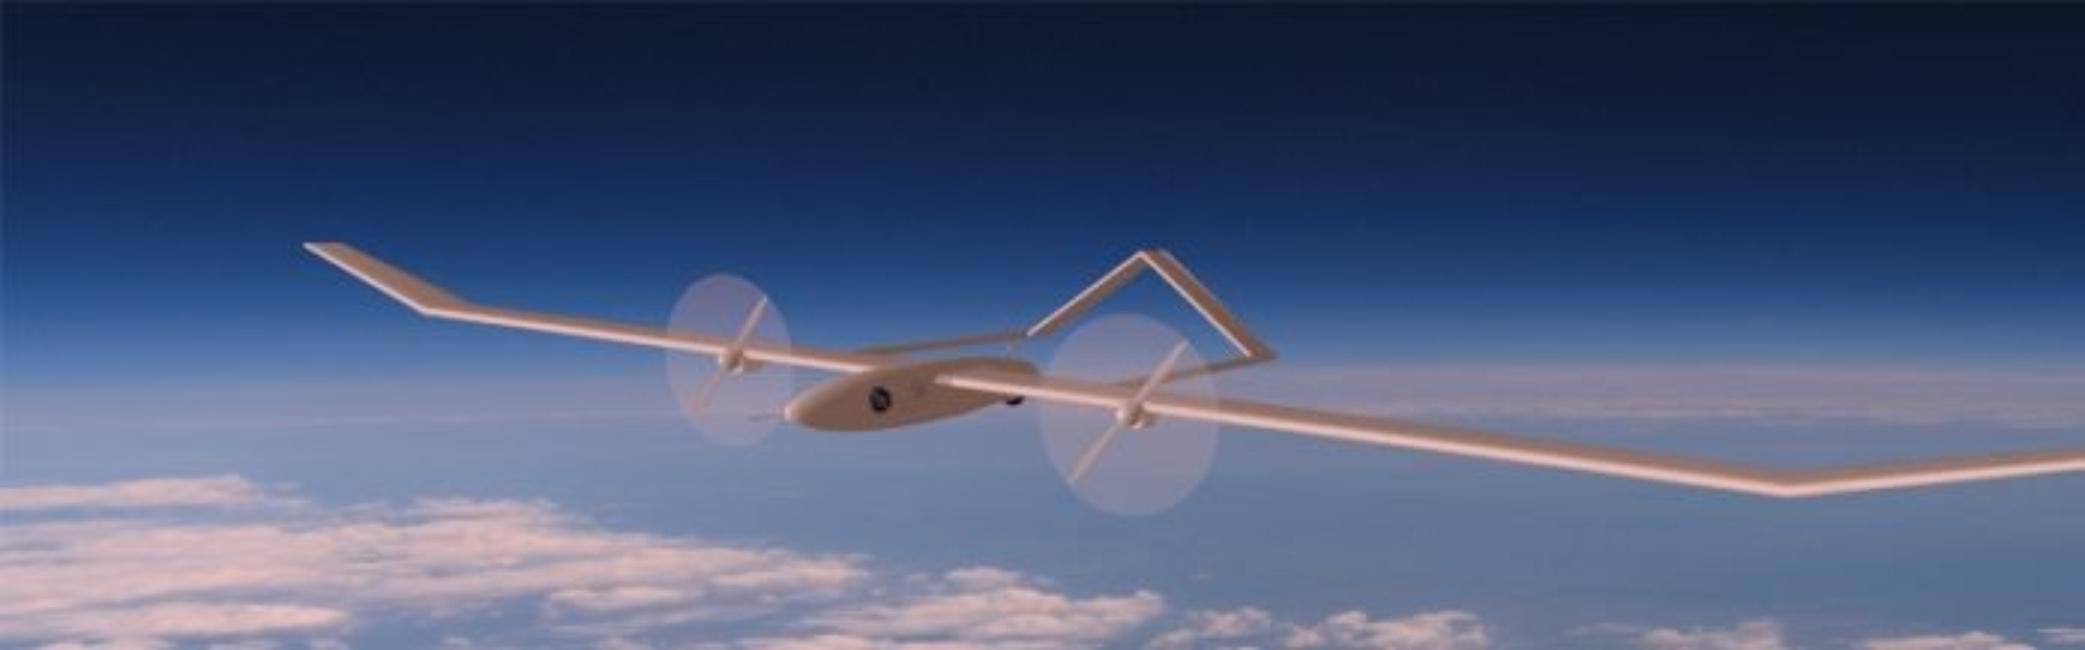 Το πρώτο drone HAPS στην στρατόσφαιρα έχει ελληνική υπογραφή!